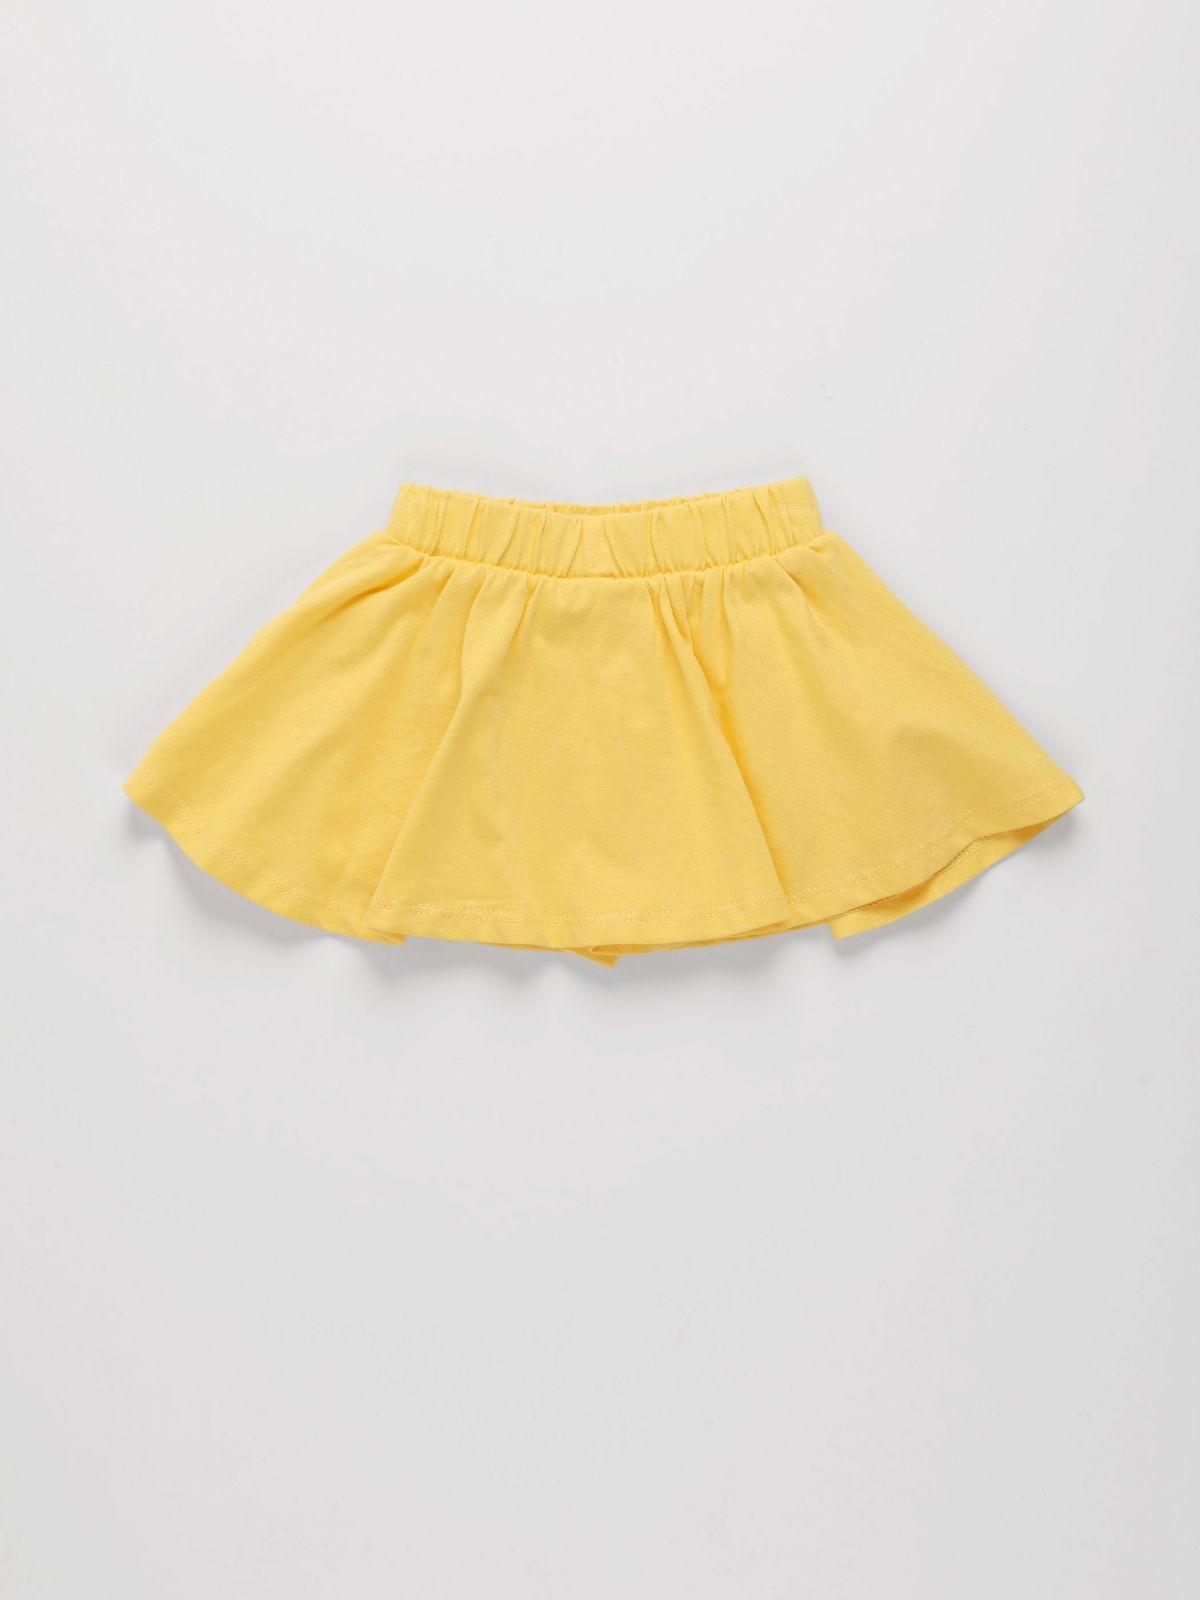 חצאית מיני / 6M-6Yחצאית מיני / 6M-6Y של FOX